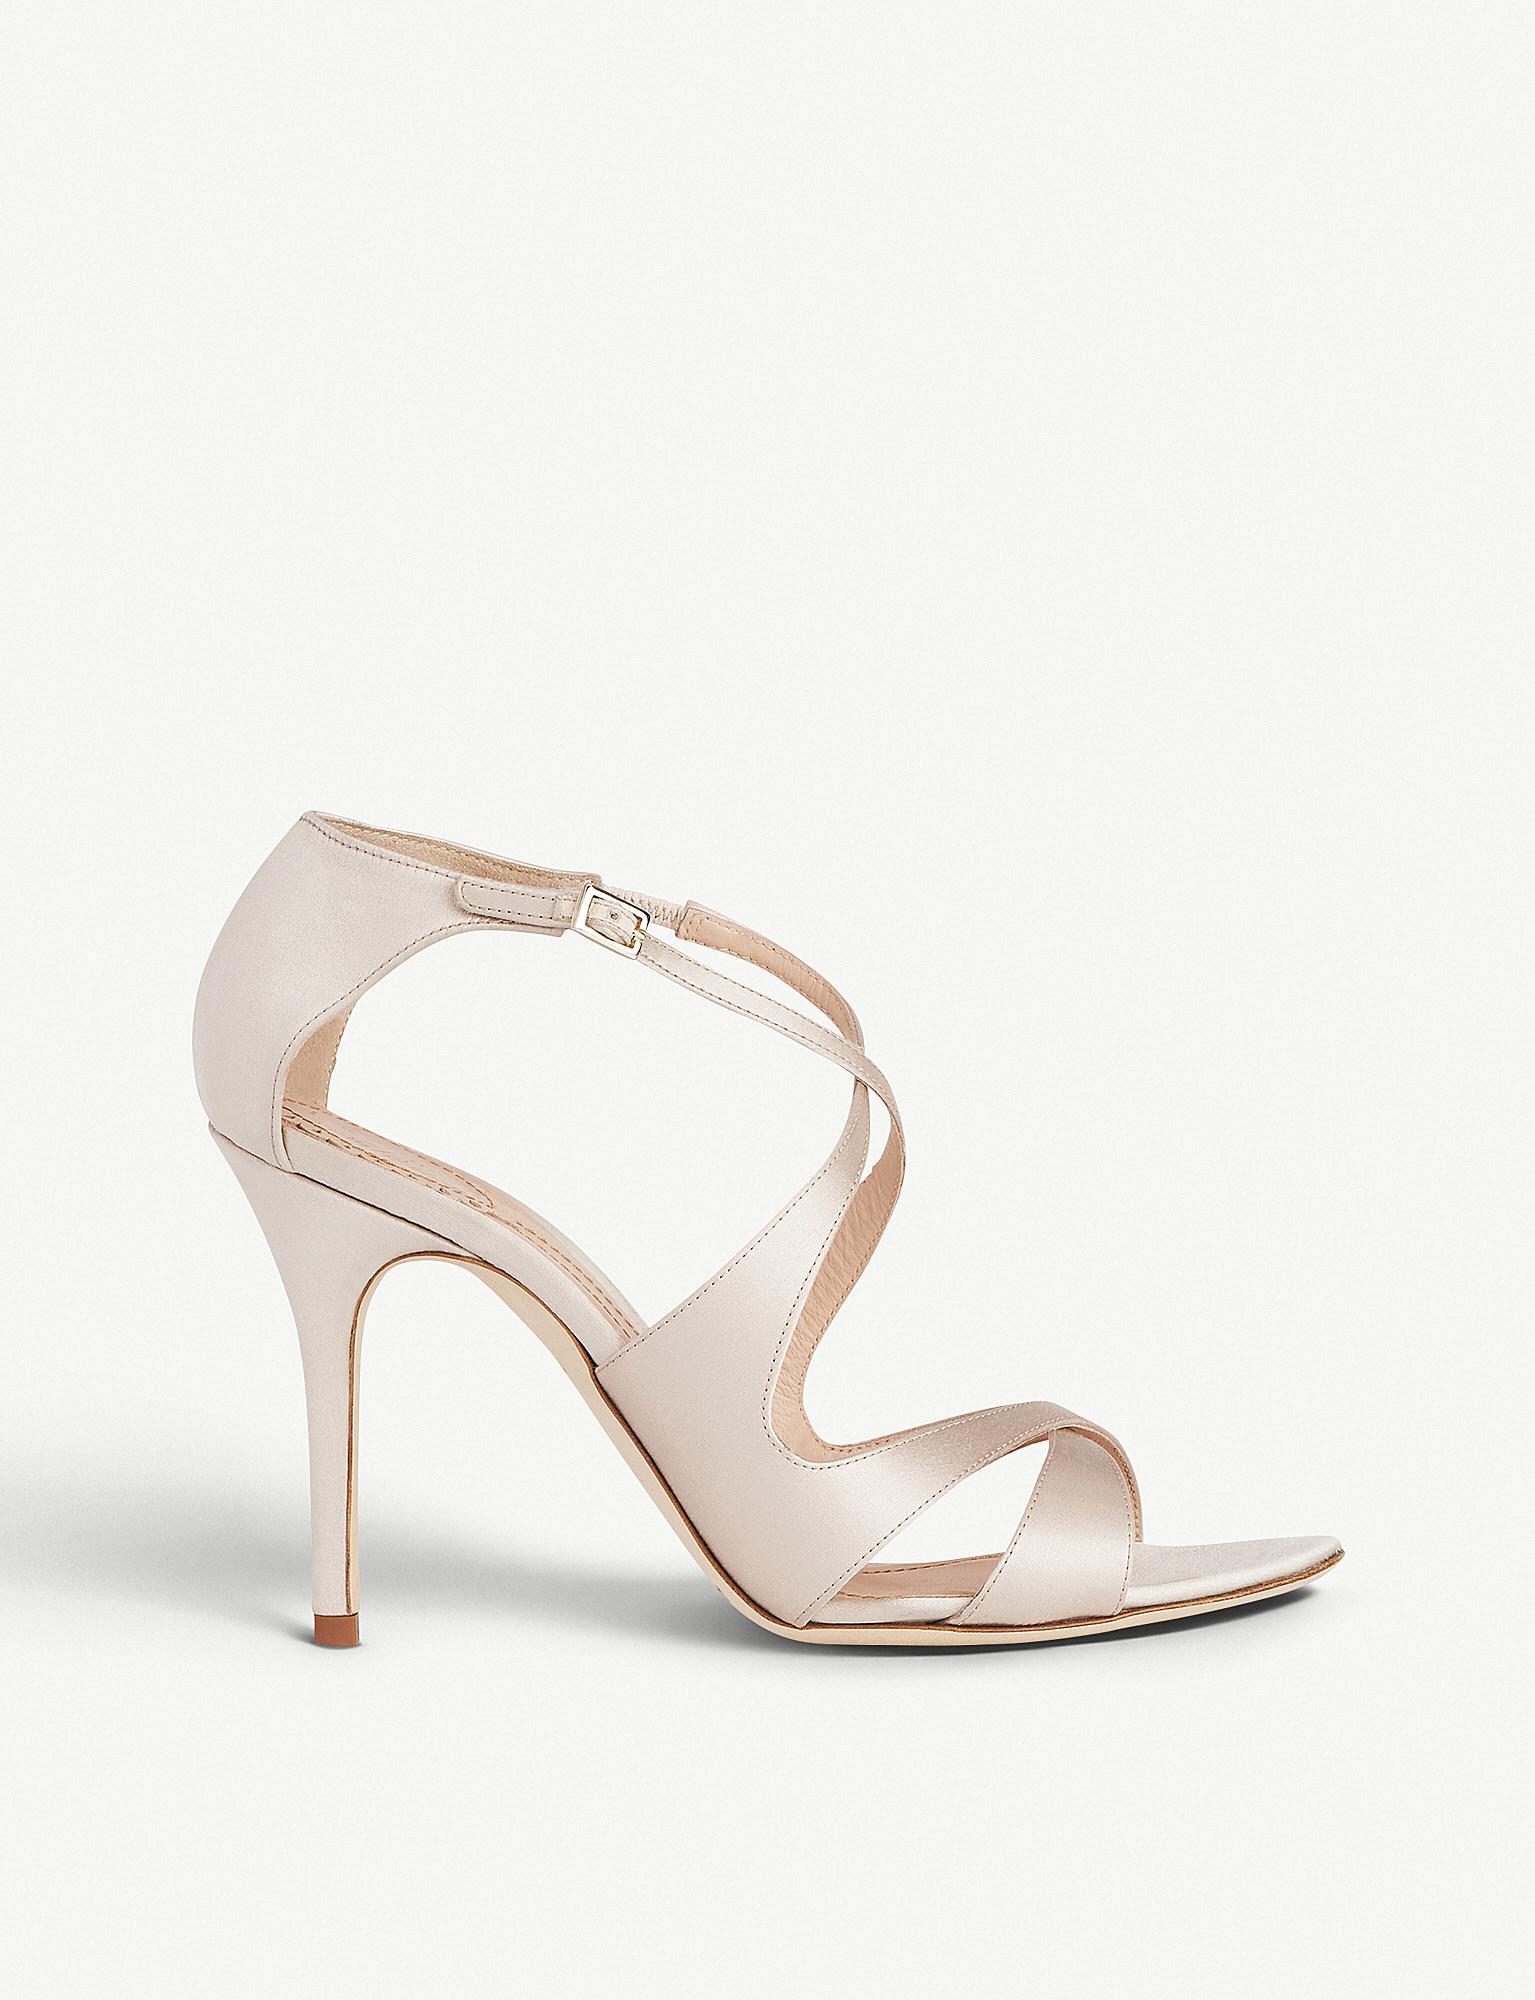 976748d287800b L.K.Bennett. Women s Natural X Jenny Packham Brielle Satin Heeled Sandals